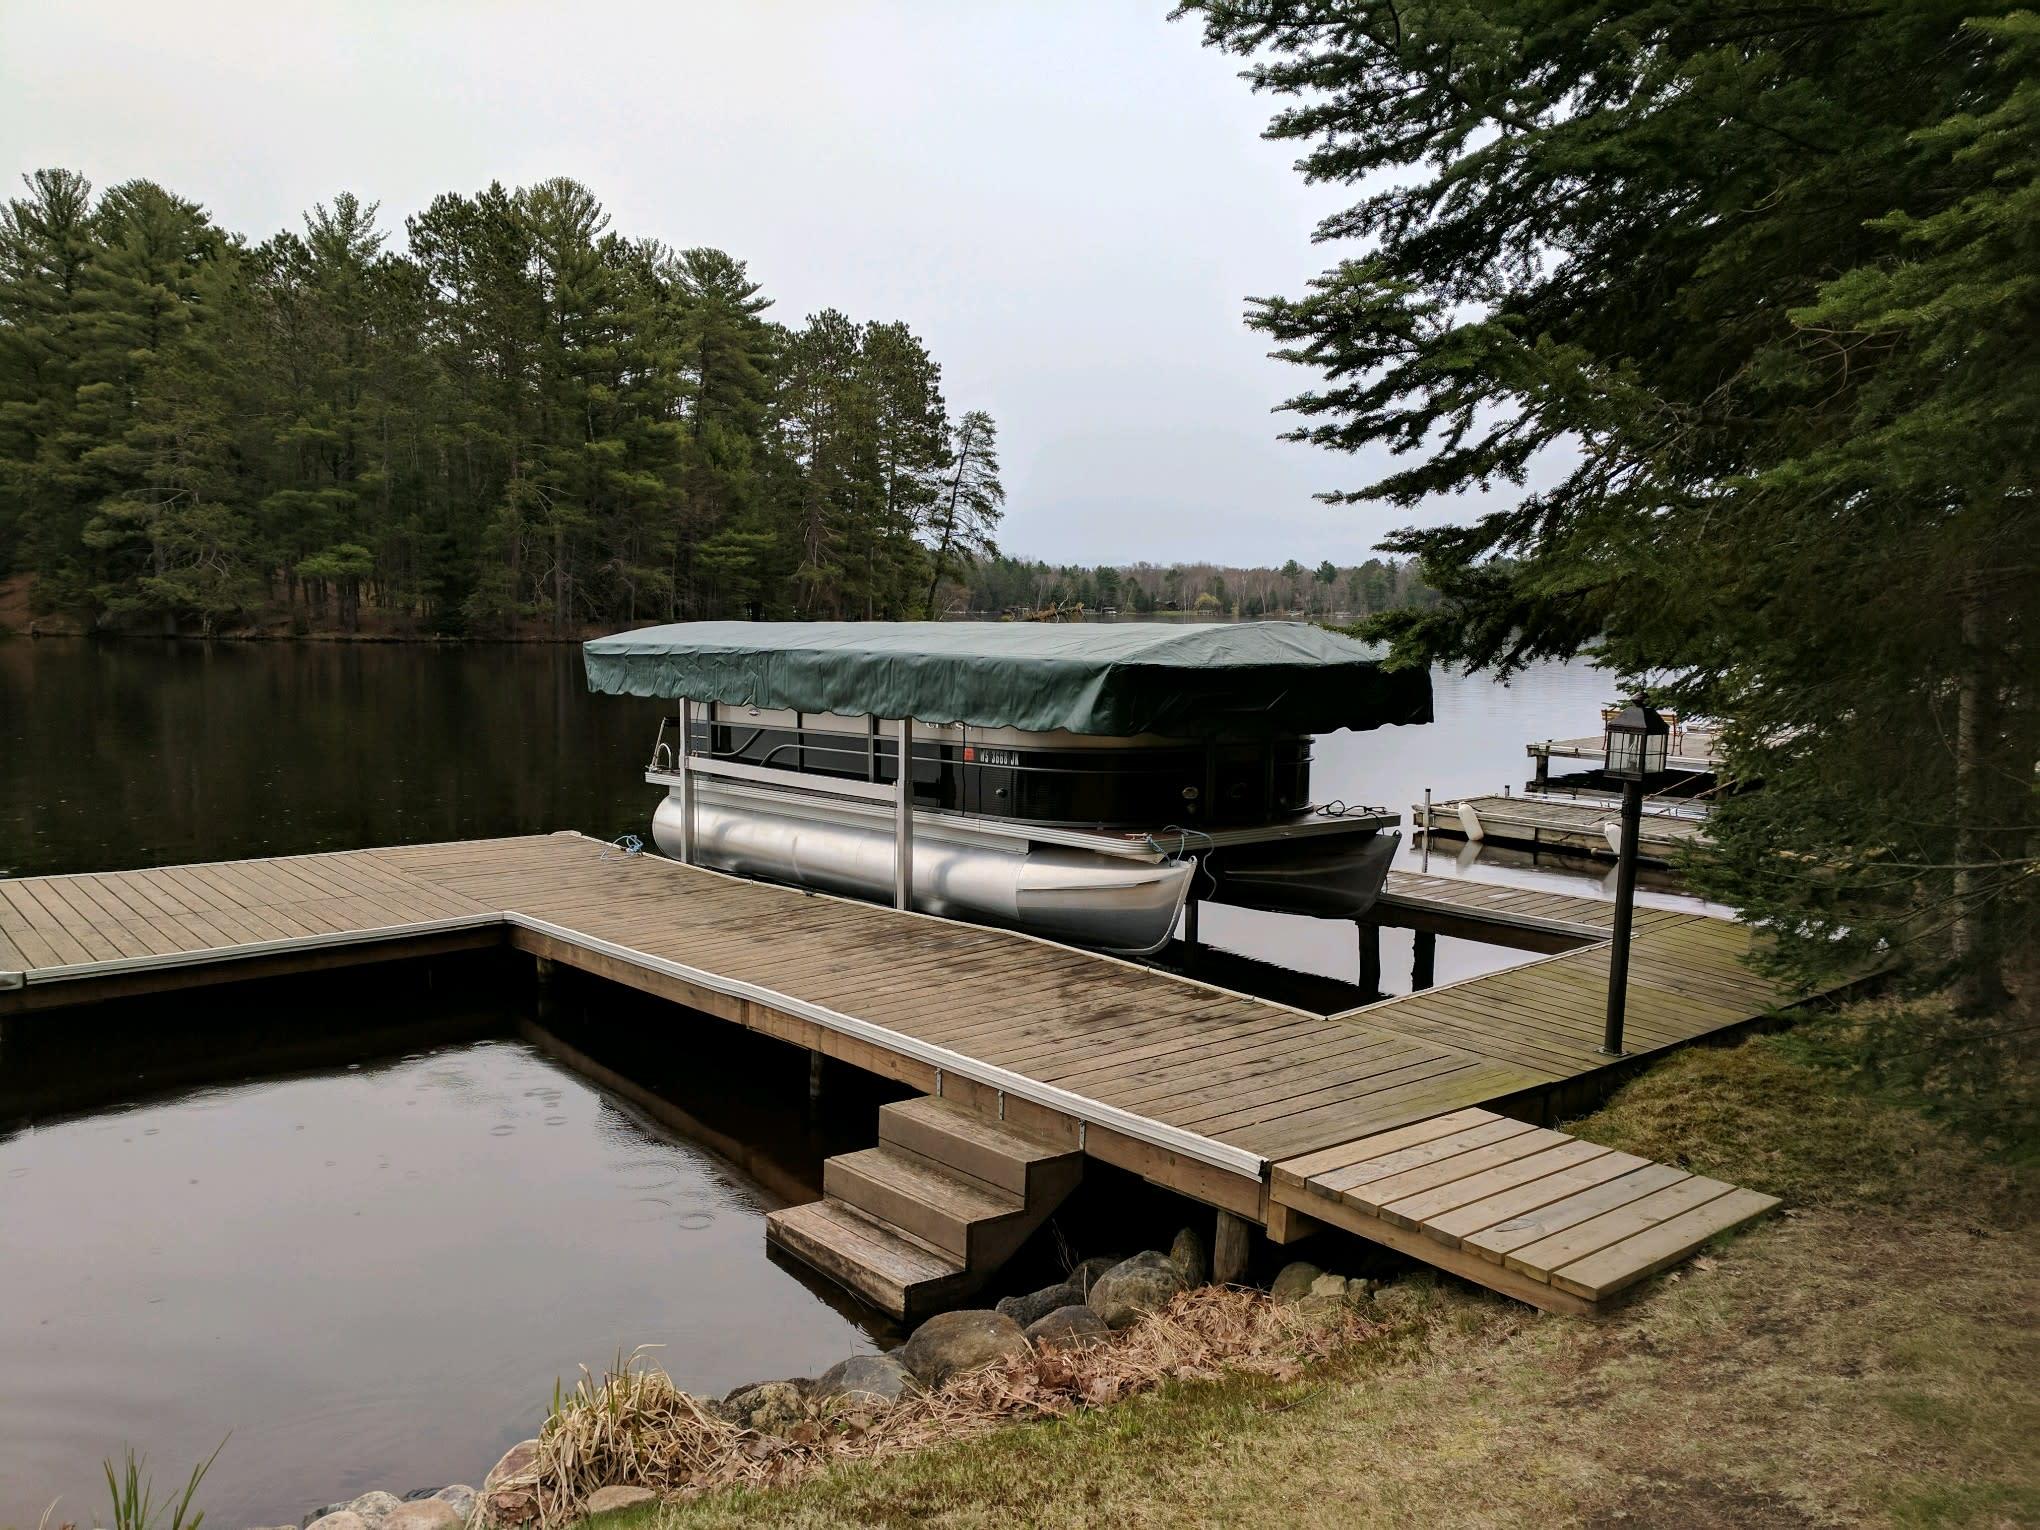 Lifts & Docks